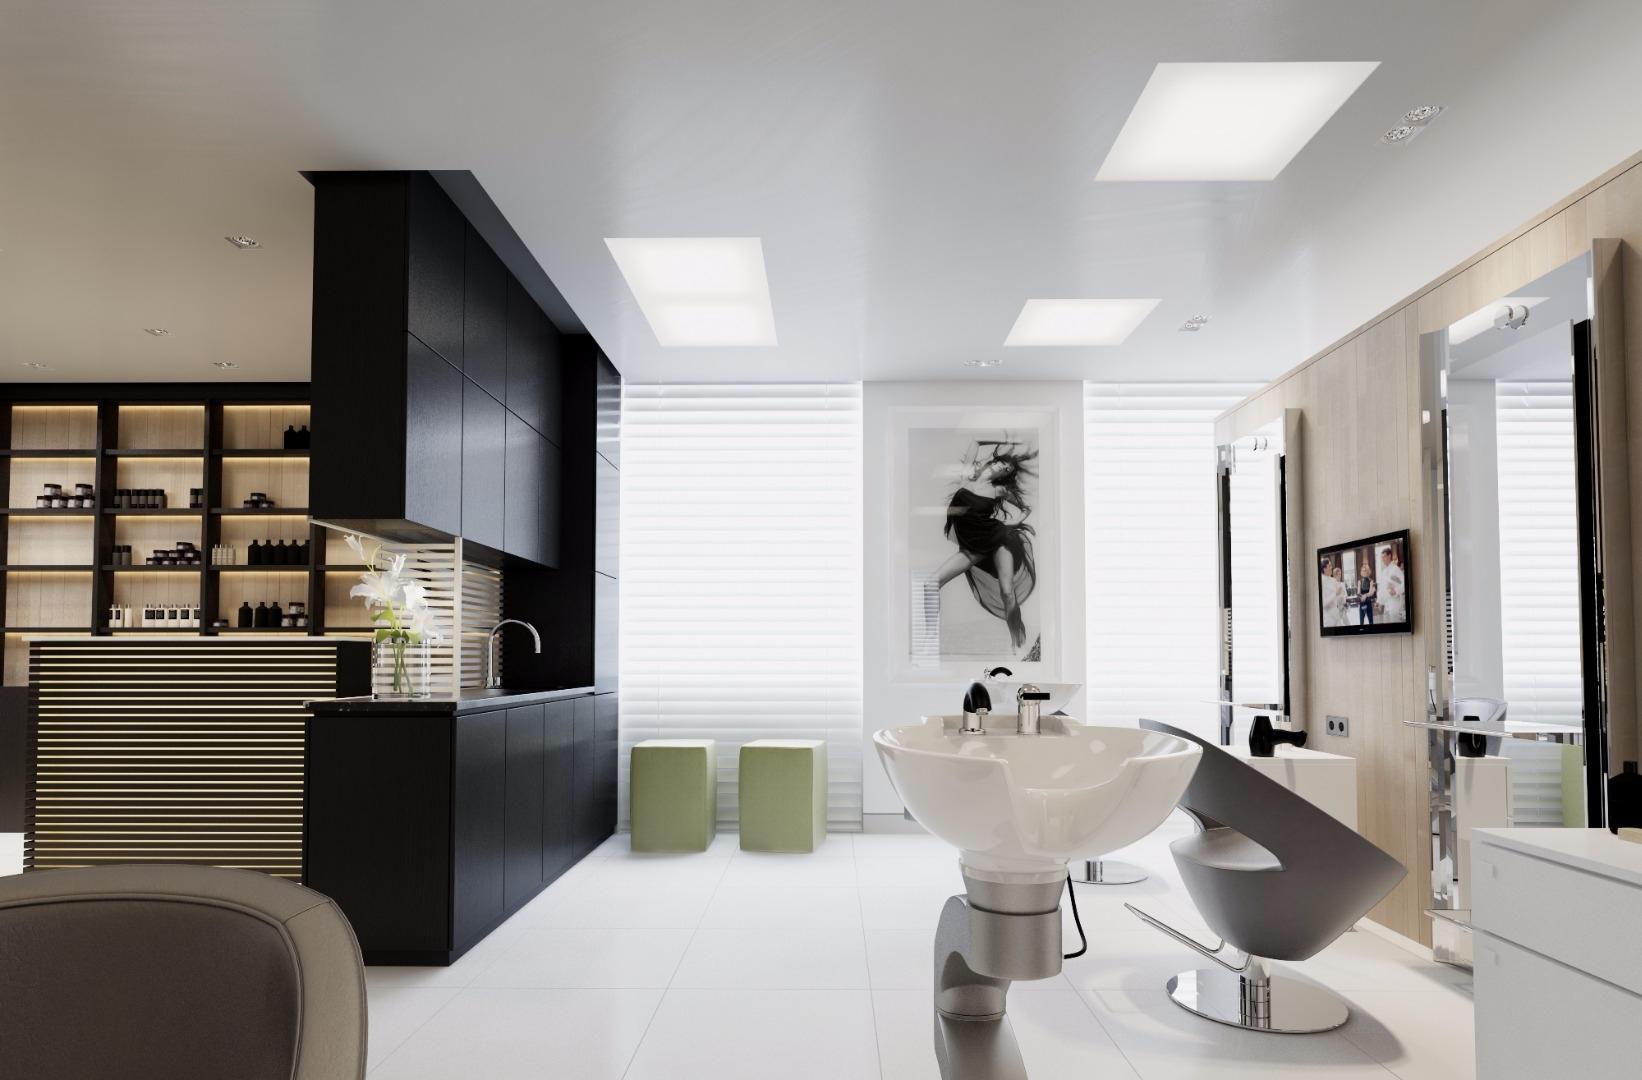 салоны красоты в черно белом стиле фото